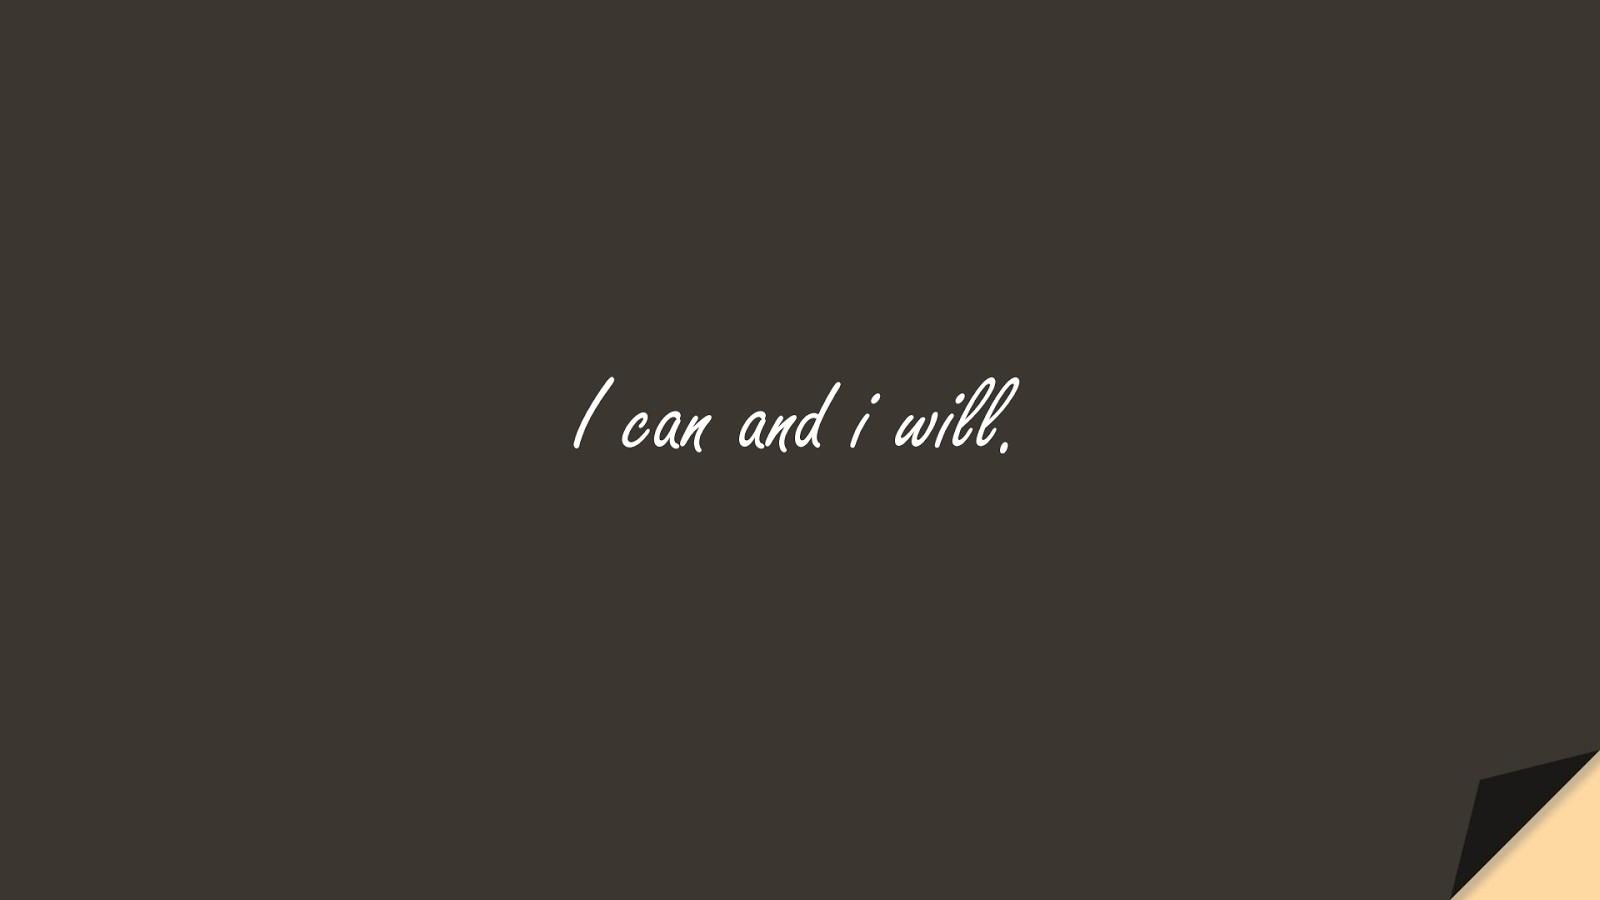 I can and i will.FALSE